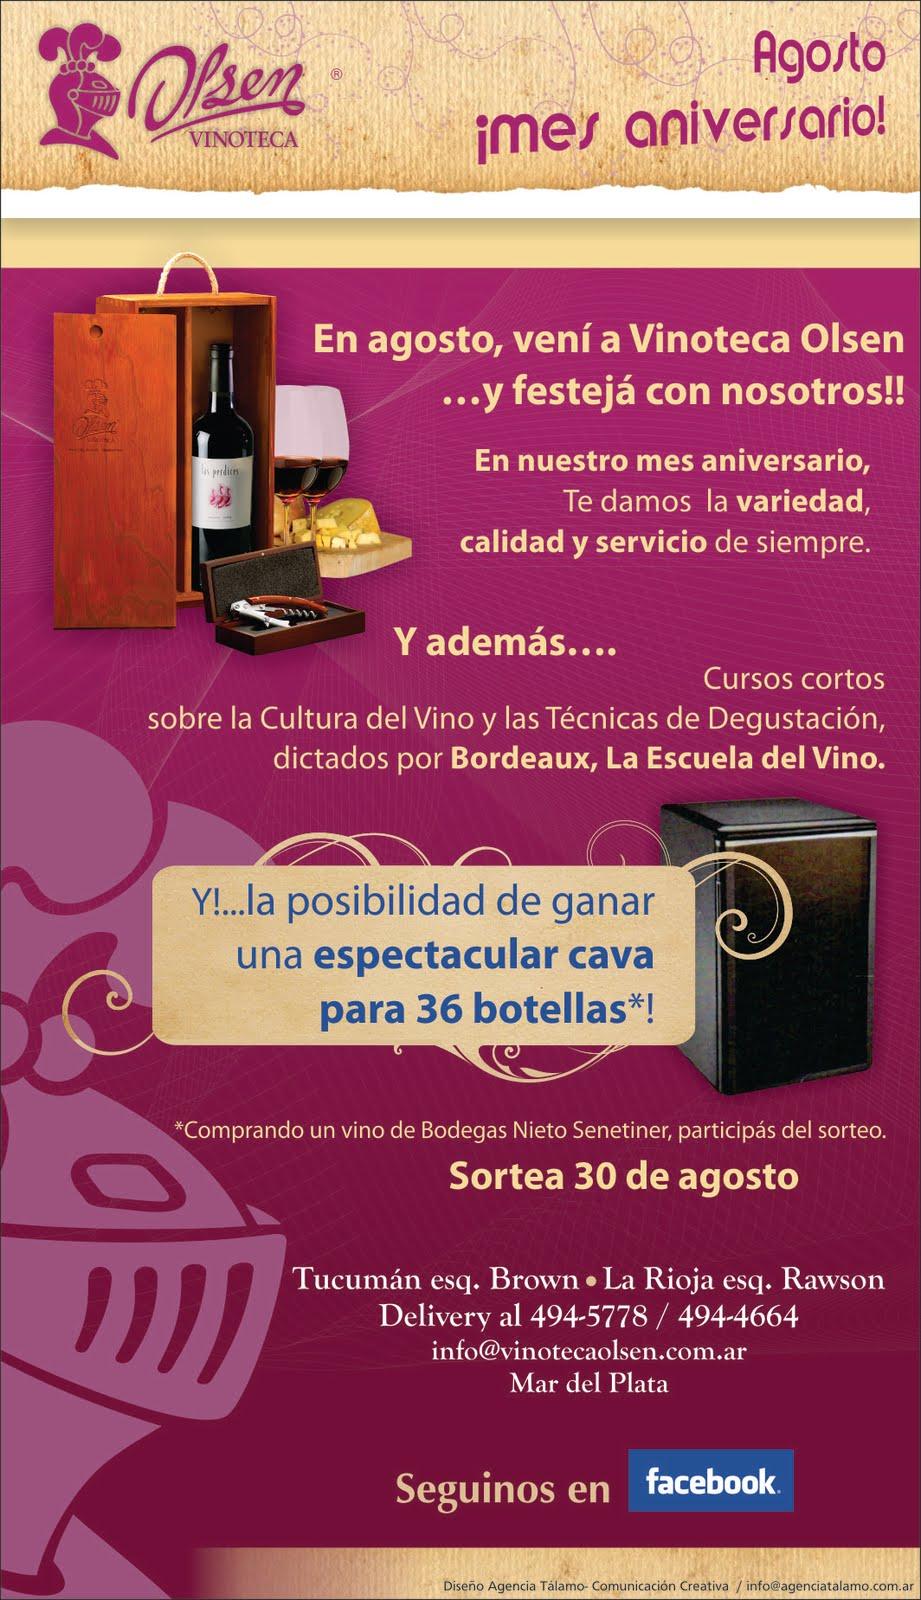 Dise o de mailing para vinoteca olsen - Diseno de vinotecas ...